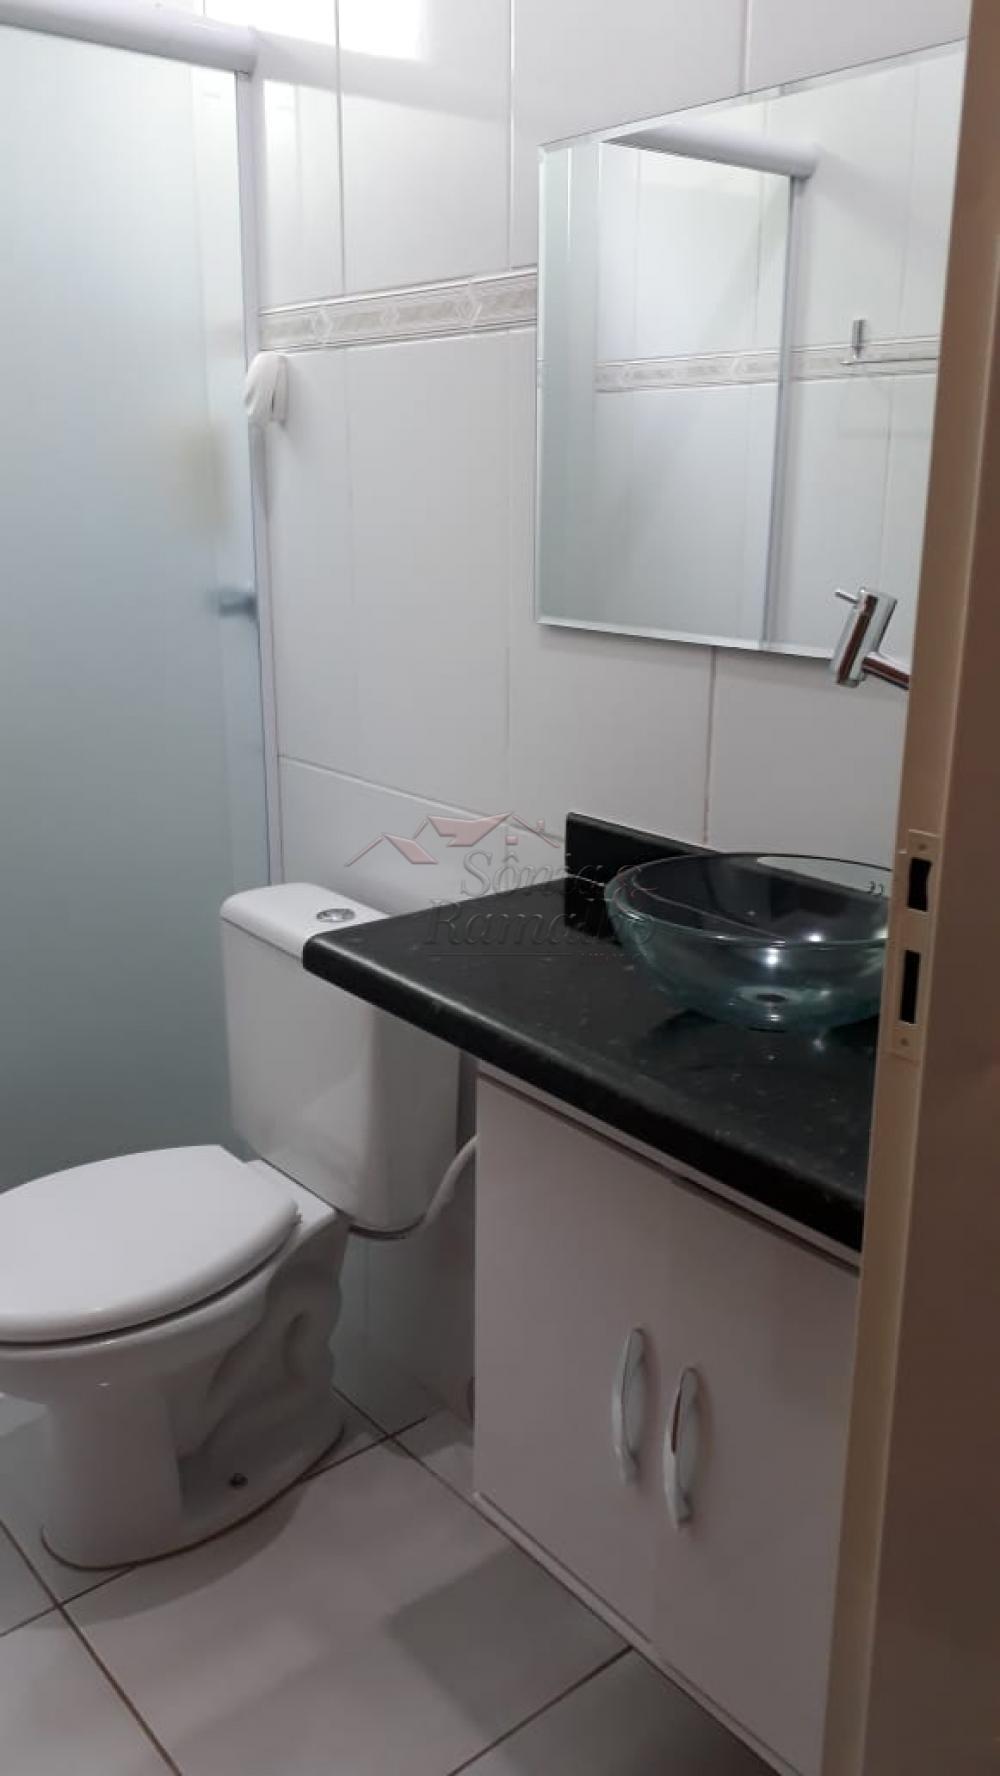 Comprar Casas / Padrão em Ribeirão Preto apenas R$ 265.000,00 - Foto 9